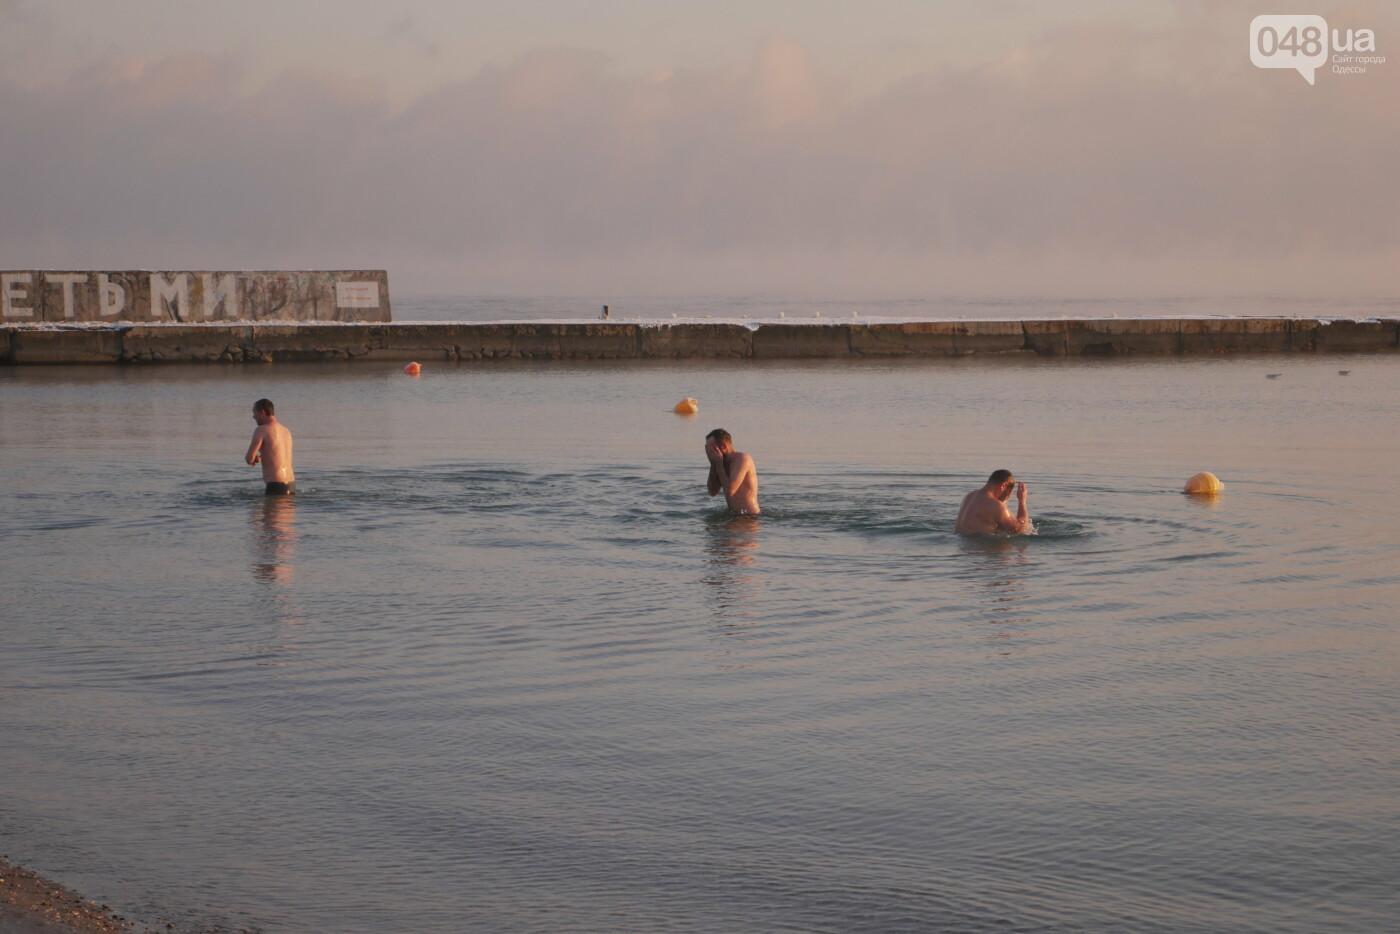 Мороз и солнце: одесситы окунулись в крещенское море,- ФОТОРЕПОРТАЖ, фото-2